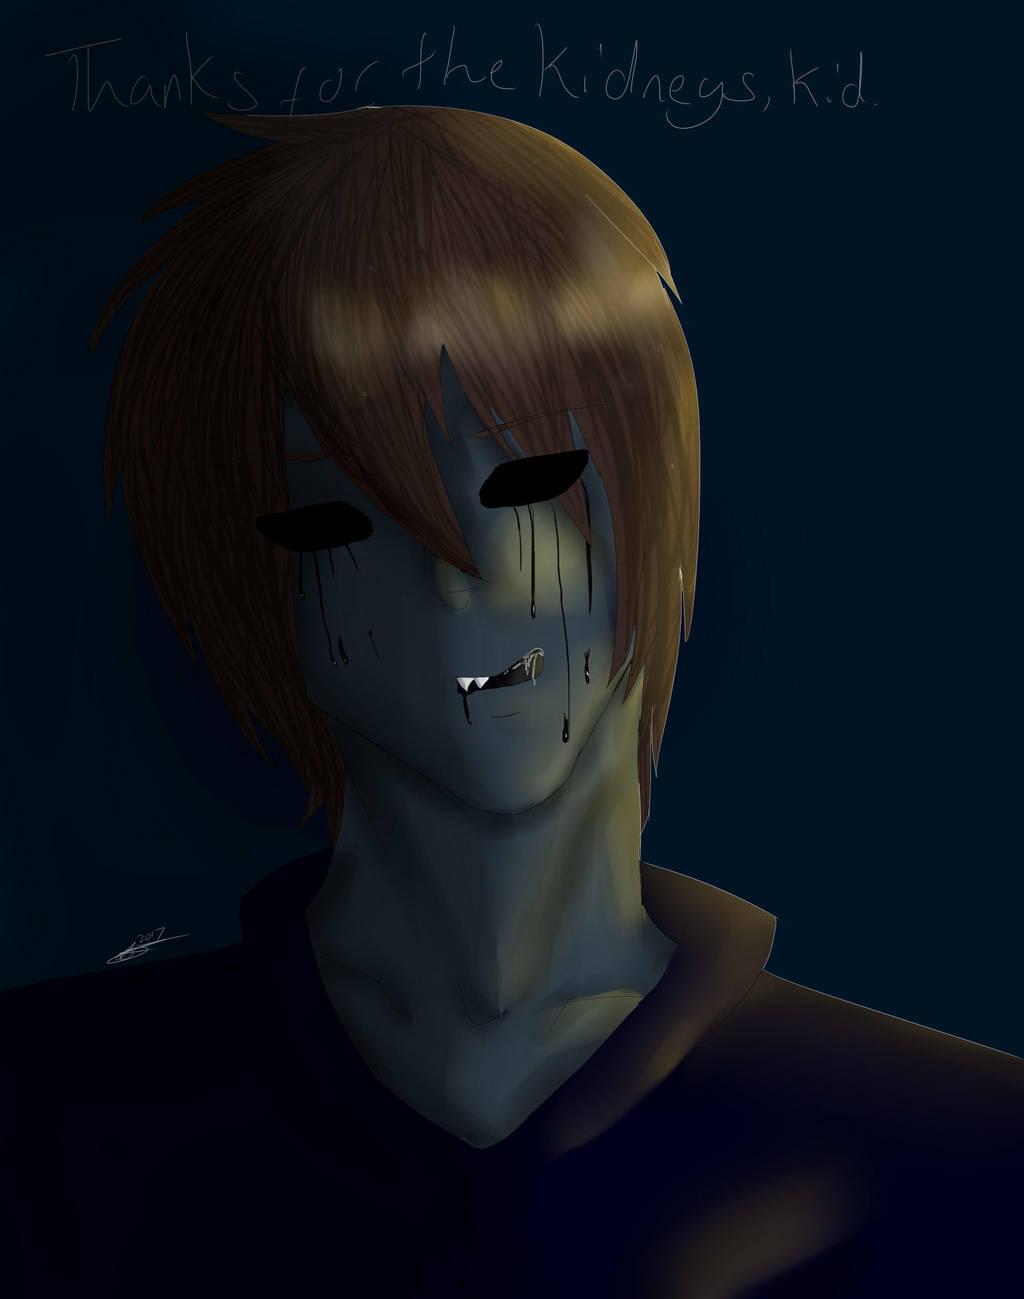 Eyeless Jack by Cyborgclips